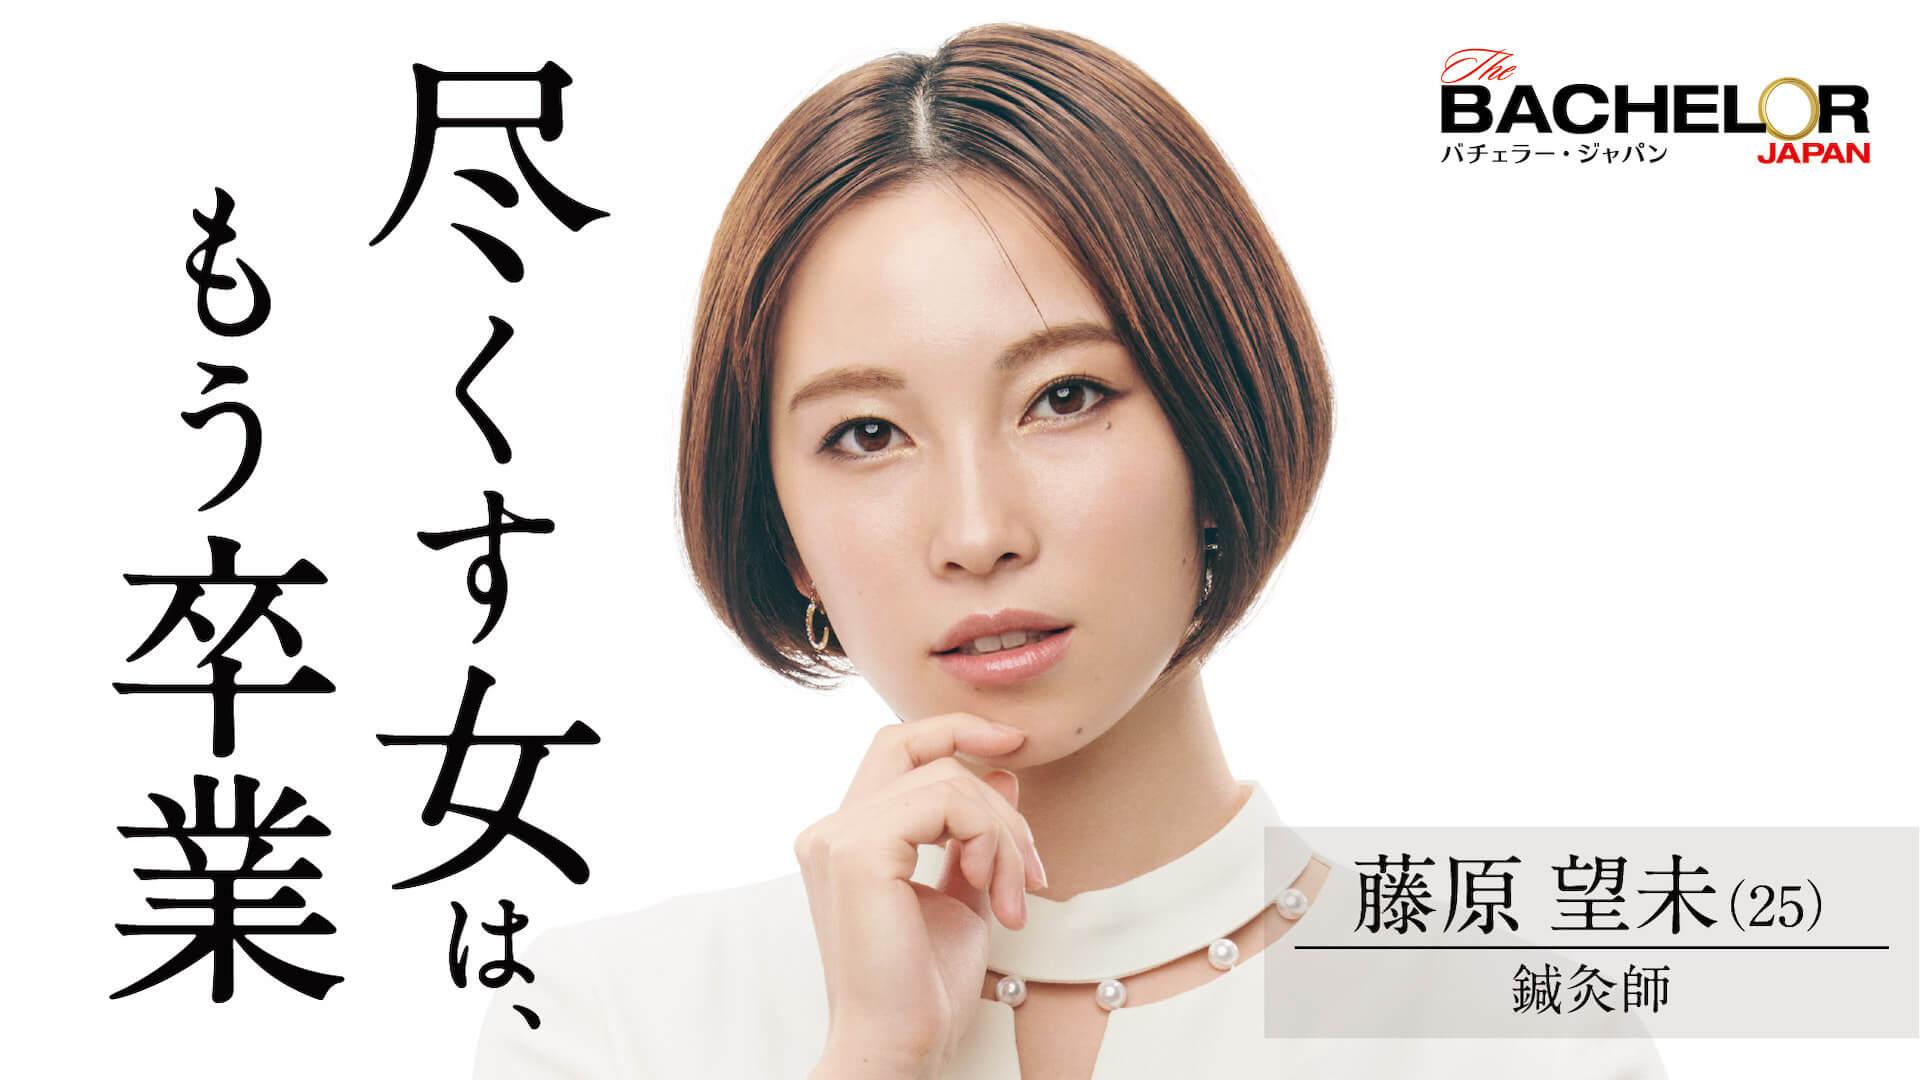 モデル、レディ・ユニバース2020日本代表、医者、経営者など続々登場!『バチェラー・ジャパン』シーズン4の女性参加者15名が一挙発表 art211007_bacelorjapan_5